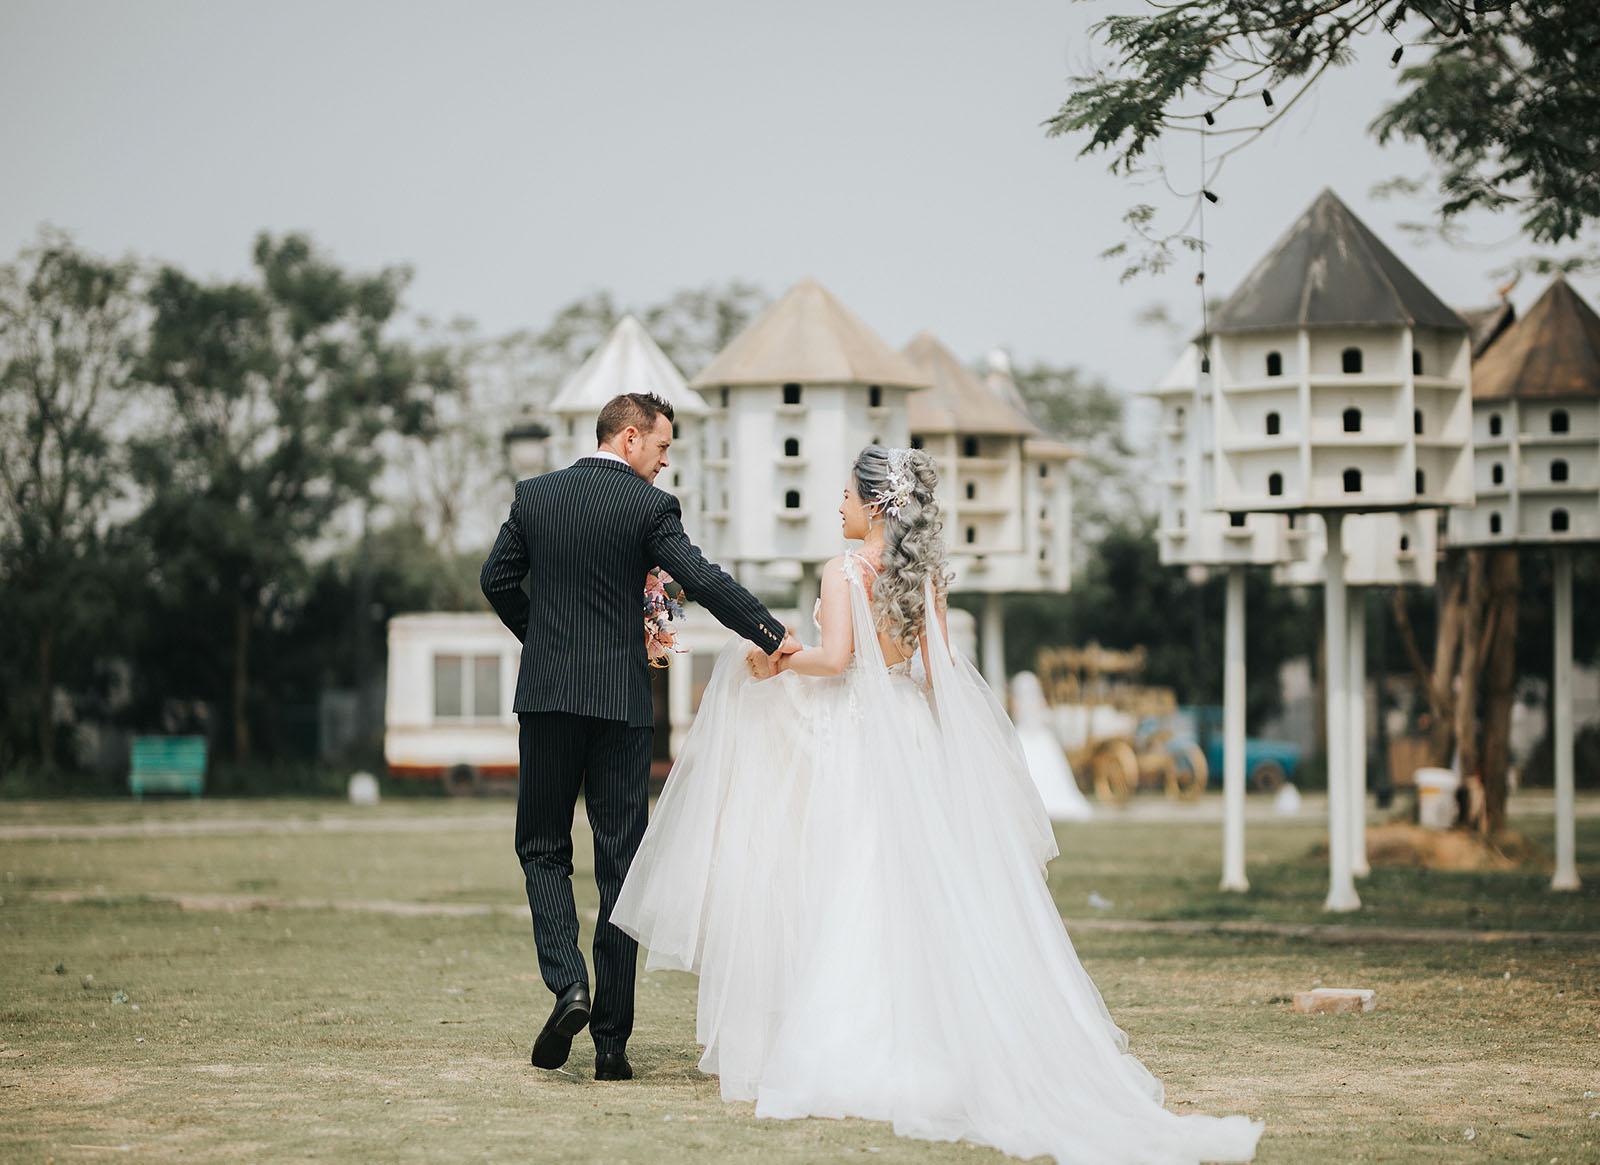 Bắt kịp xu hướng chụp ảnh cưới phong cách châu Âu cùng Bạch Tuyết Bridal